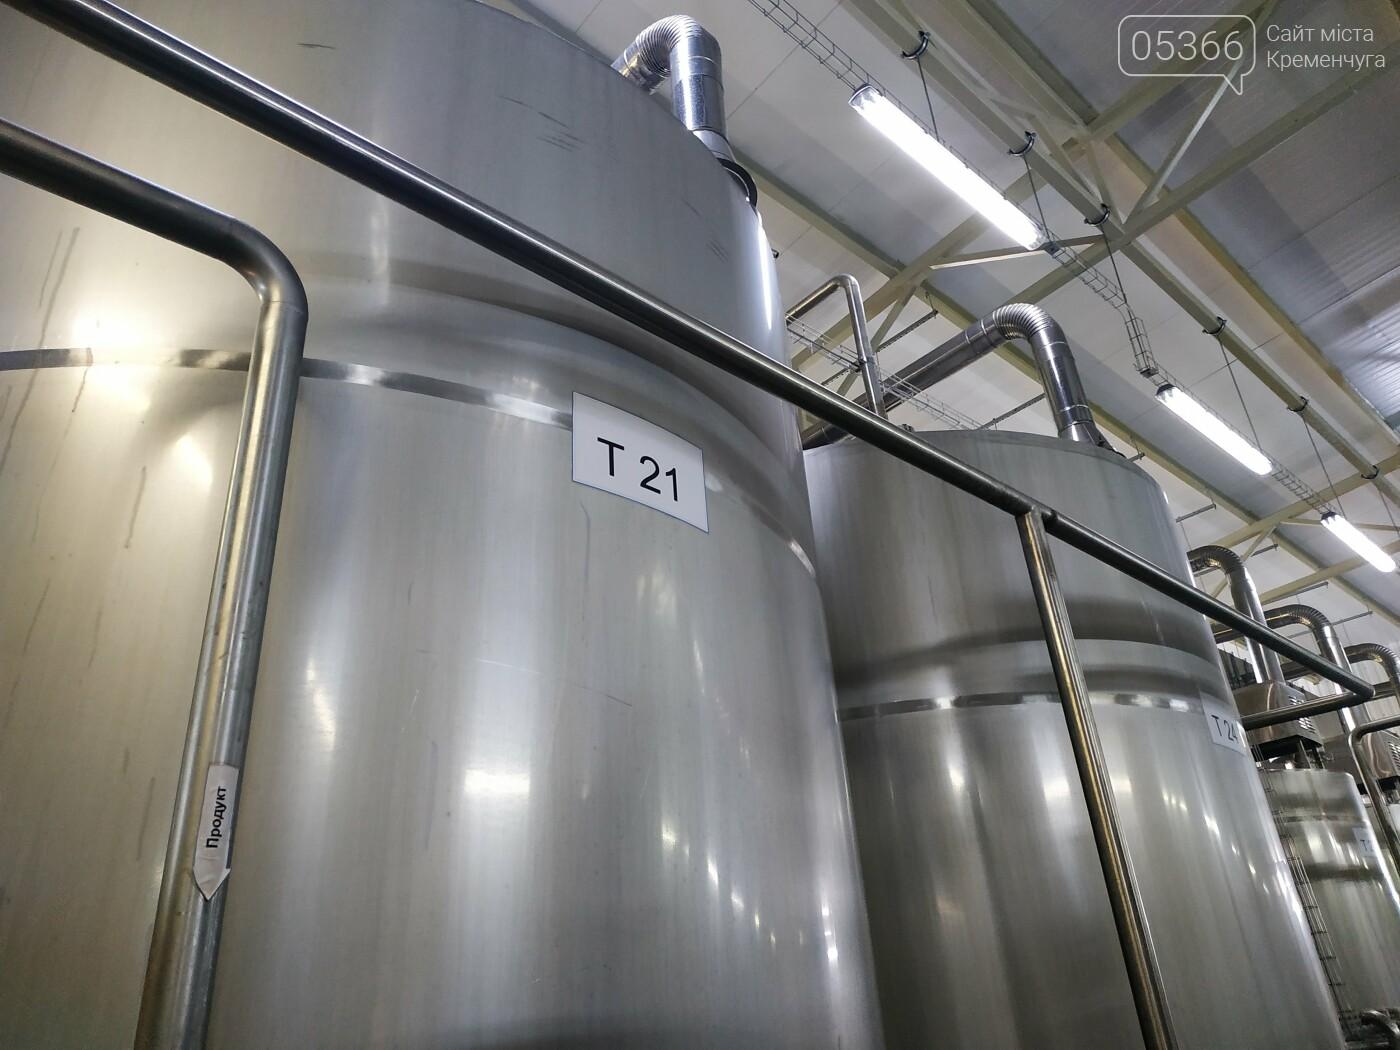 Офіційна відповідь Оржицького молокозаводу на інформацію про мишу у пакеті з молоком, фото-1